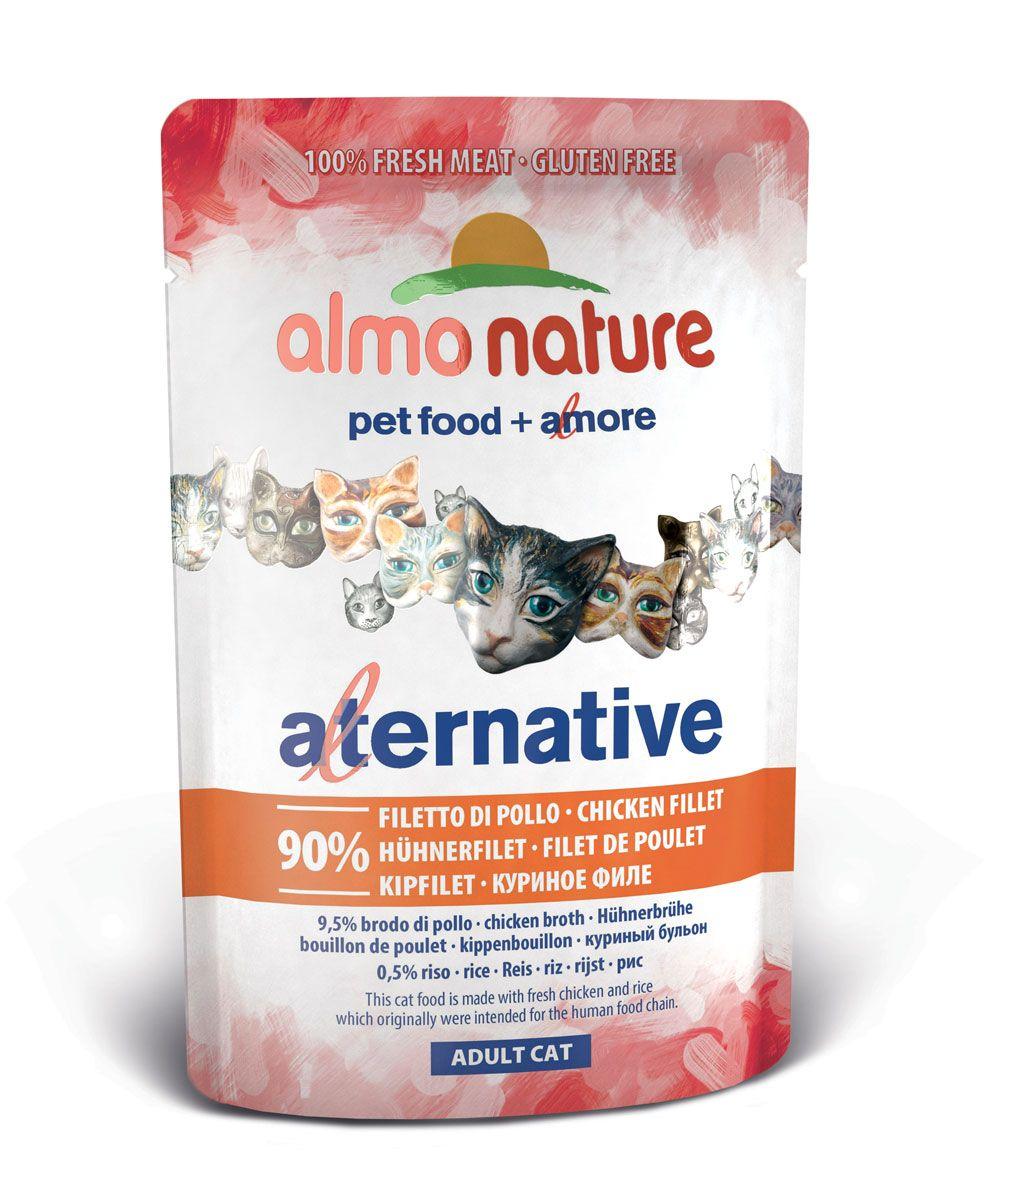 Консервы для кошек Almo Nature Alternative, с куриным филе, 55 г20623Консервы Almo Nature Alternative - сбалансированный влажный корм для кошек, изготовленный из ингредиентов высшего качества, являющихся натуральными источниками витаминов и питательных веществ. Состав: филе курицы - 90%, куриный бульон - 9,5, рис - 0,5%. Пищевая ценность: белки - 20%, клетчатка - 0,1%, масла и жиры - 1%, зола - 2%, влага - 78%.Товар сертифицирован.